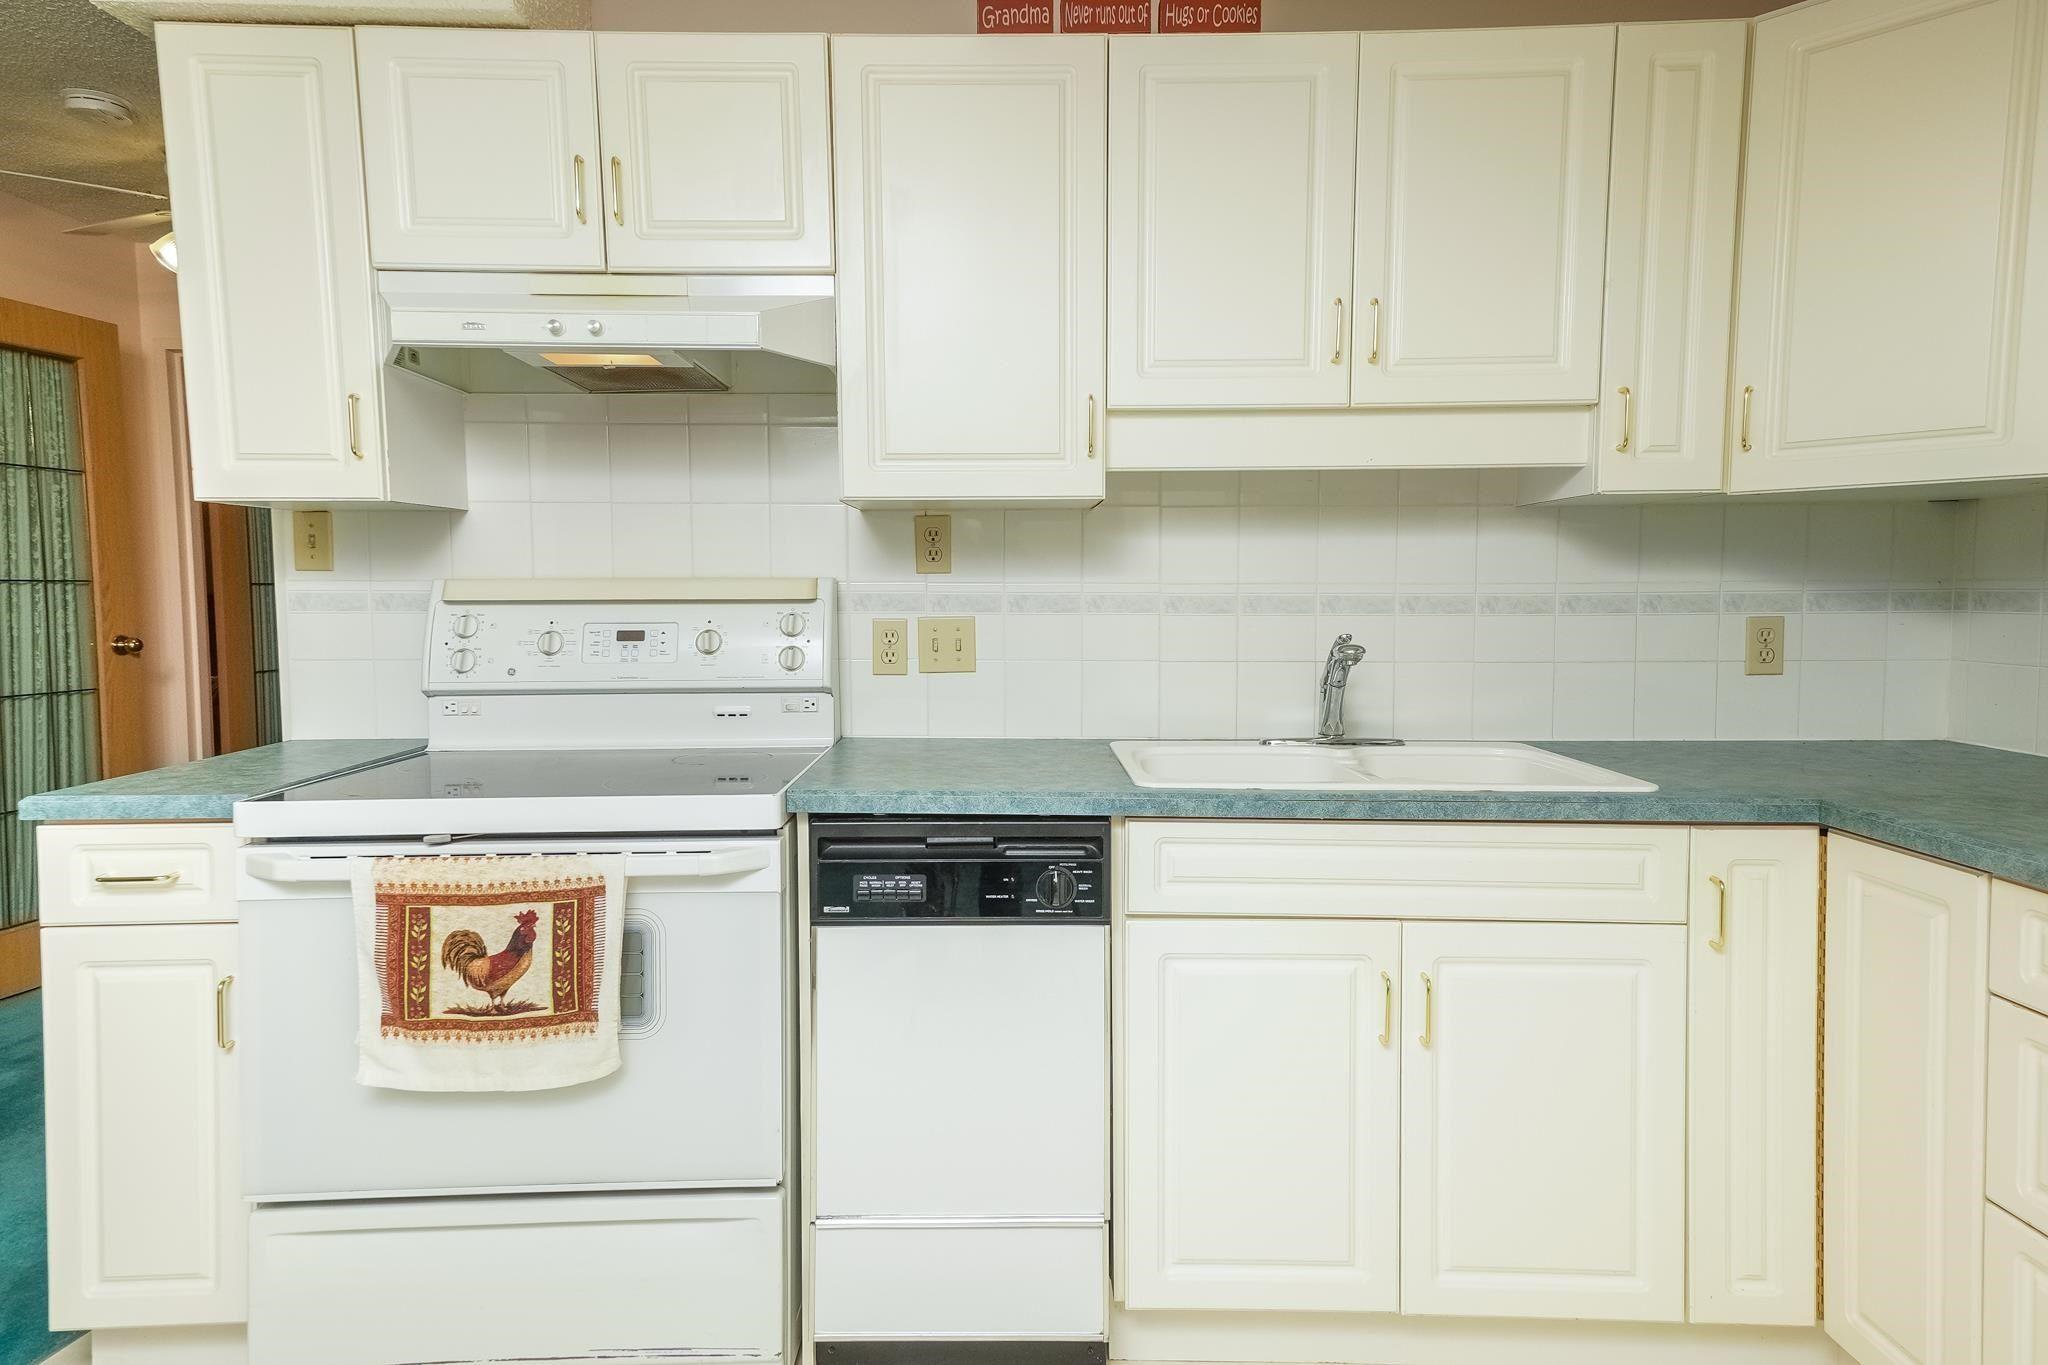 Photo 5: Photos: 205 5212 48 Avenue: Wetaskiwin Condo for sale : MLS®# E4254817